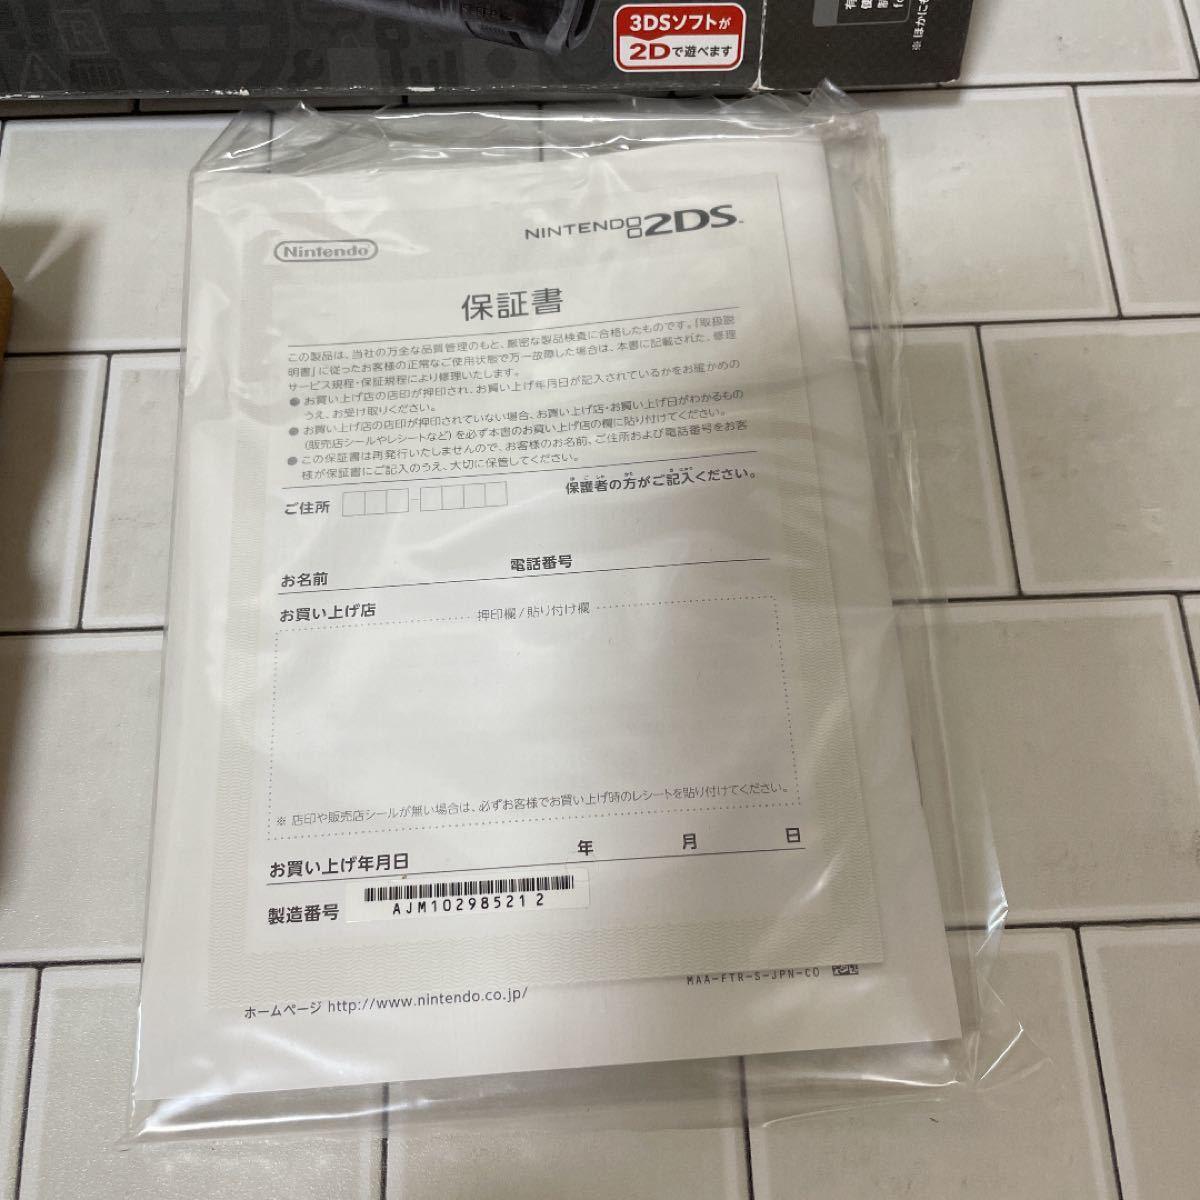 ニンテンドー2DS ブラック 任天堂 Nintendo 2DS